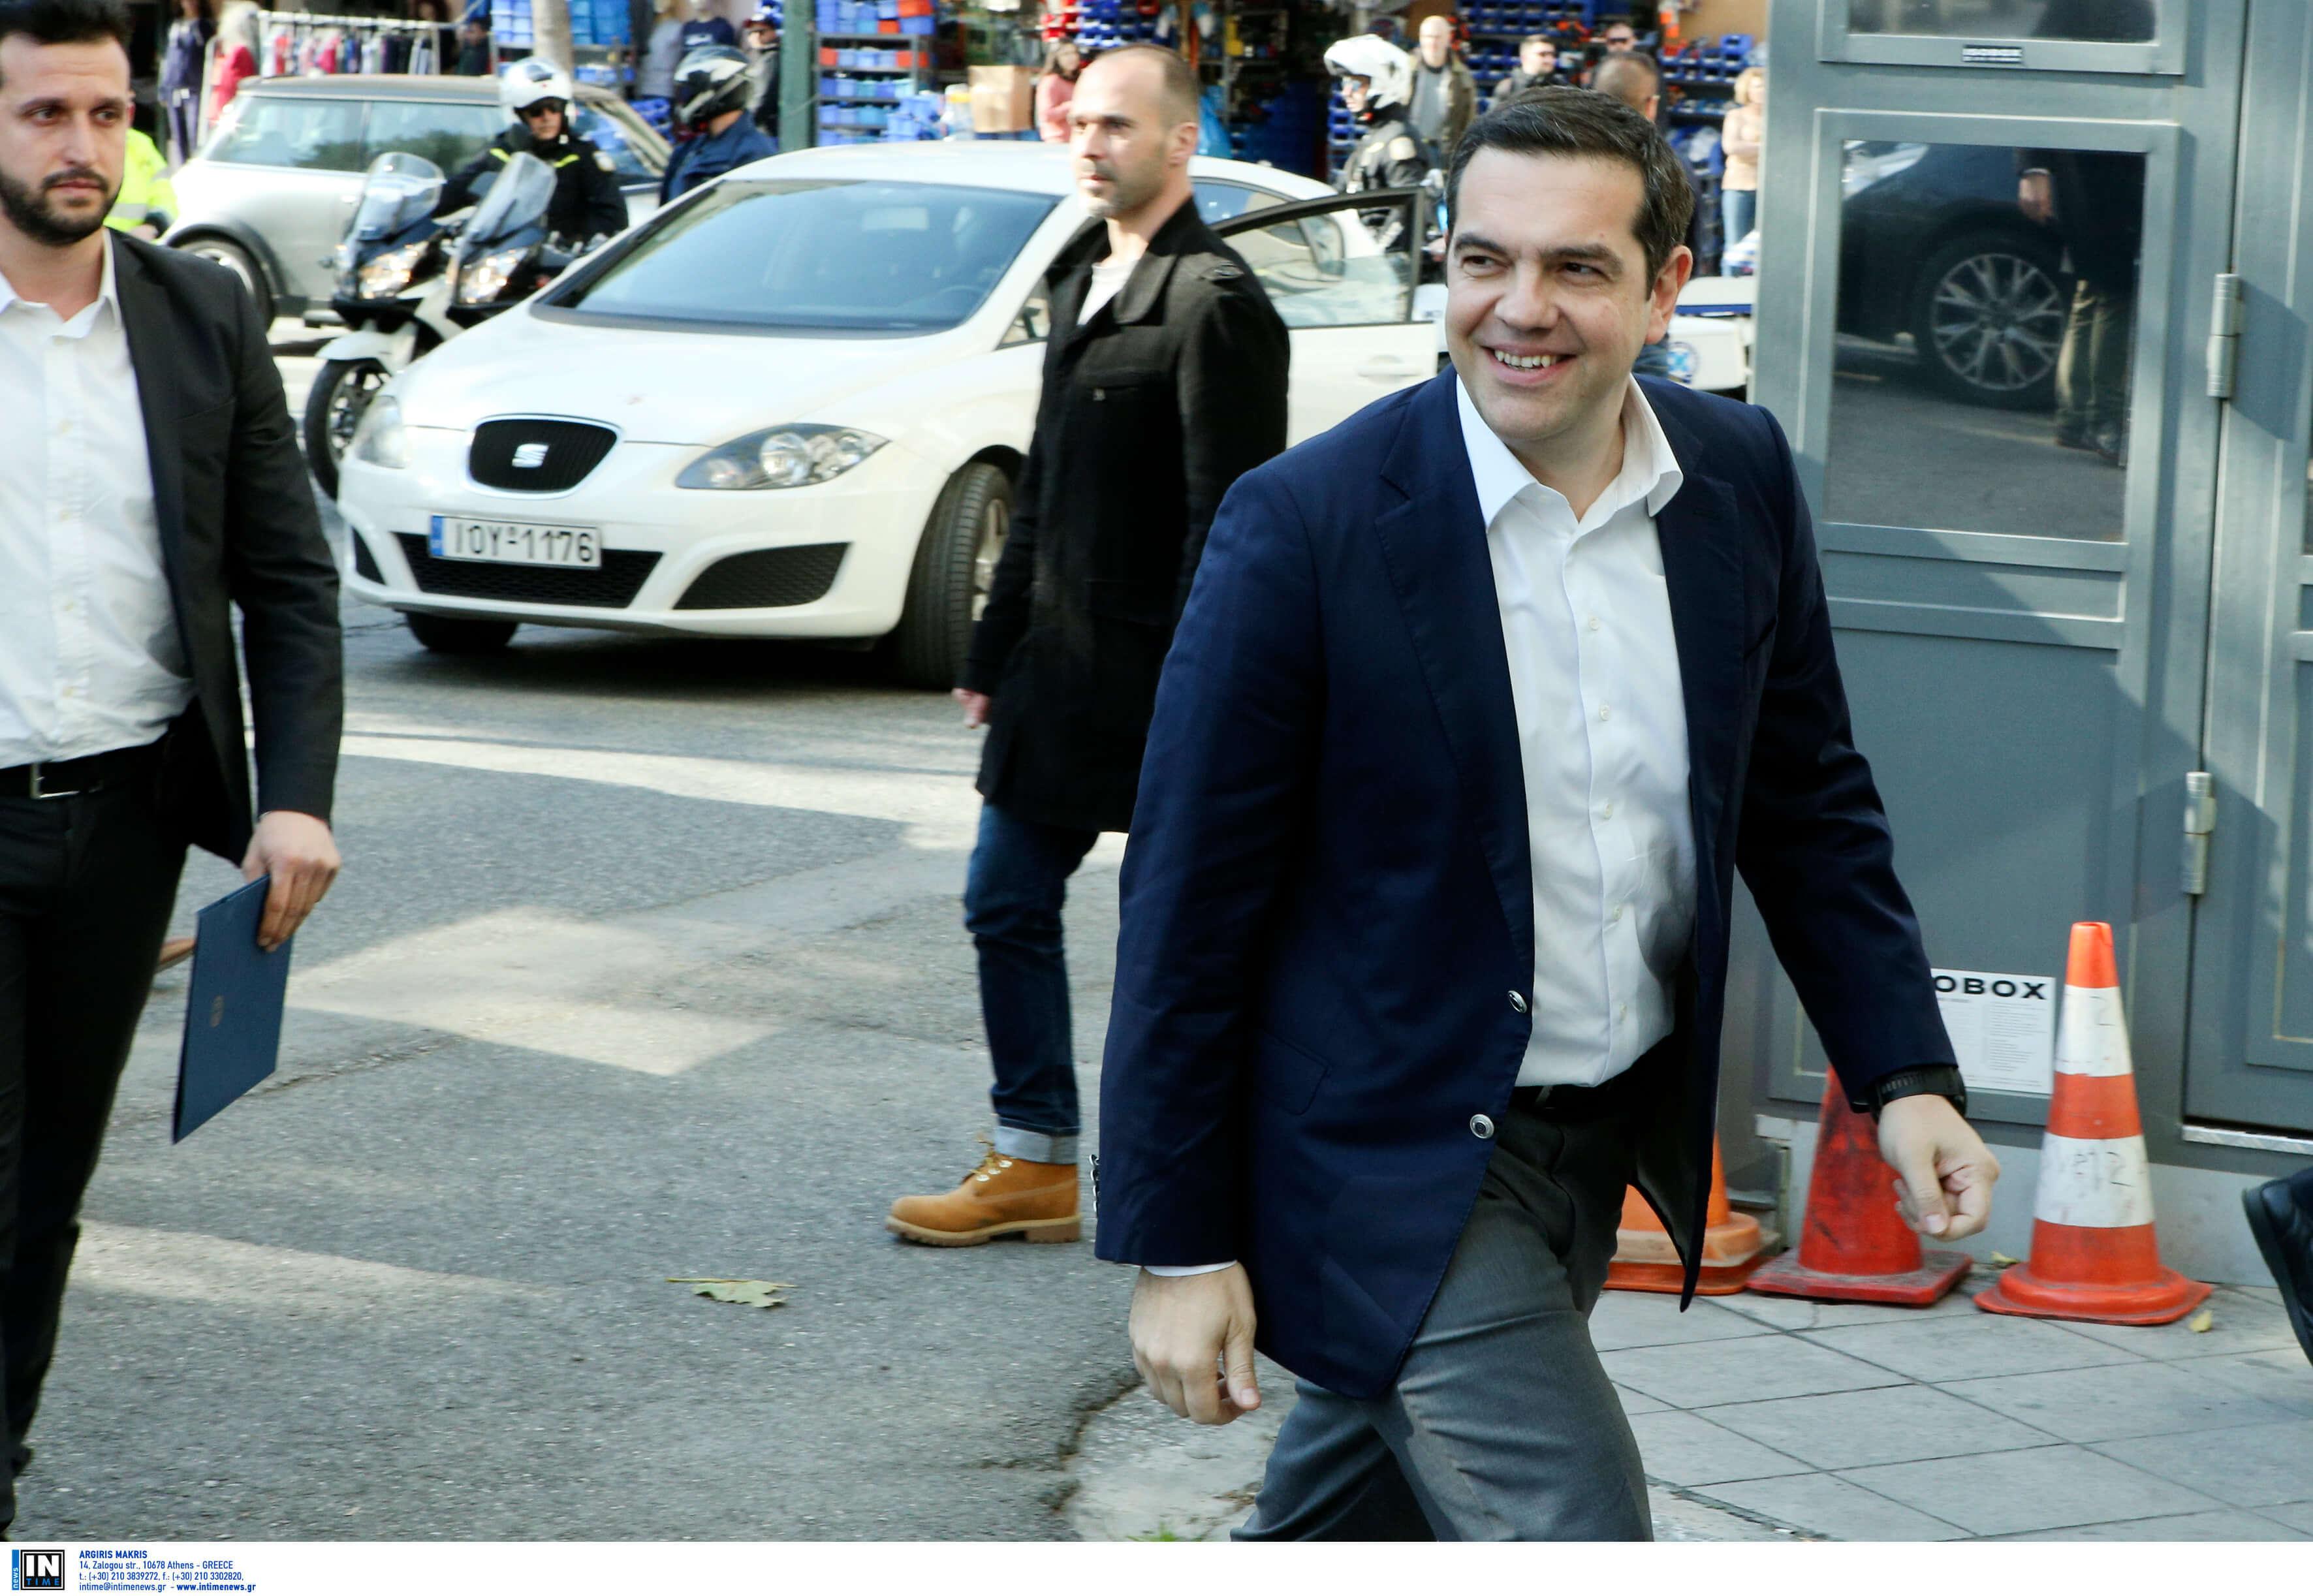 Ο Τσίπρας όρισε πότε θα γίνουν εκλογές